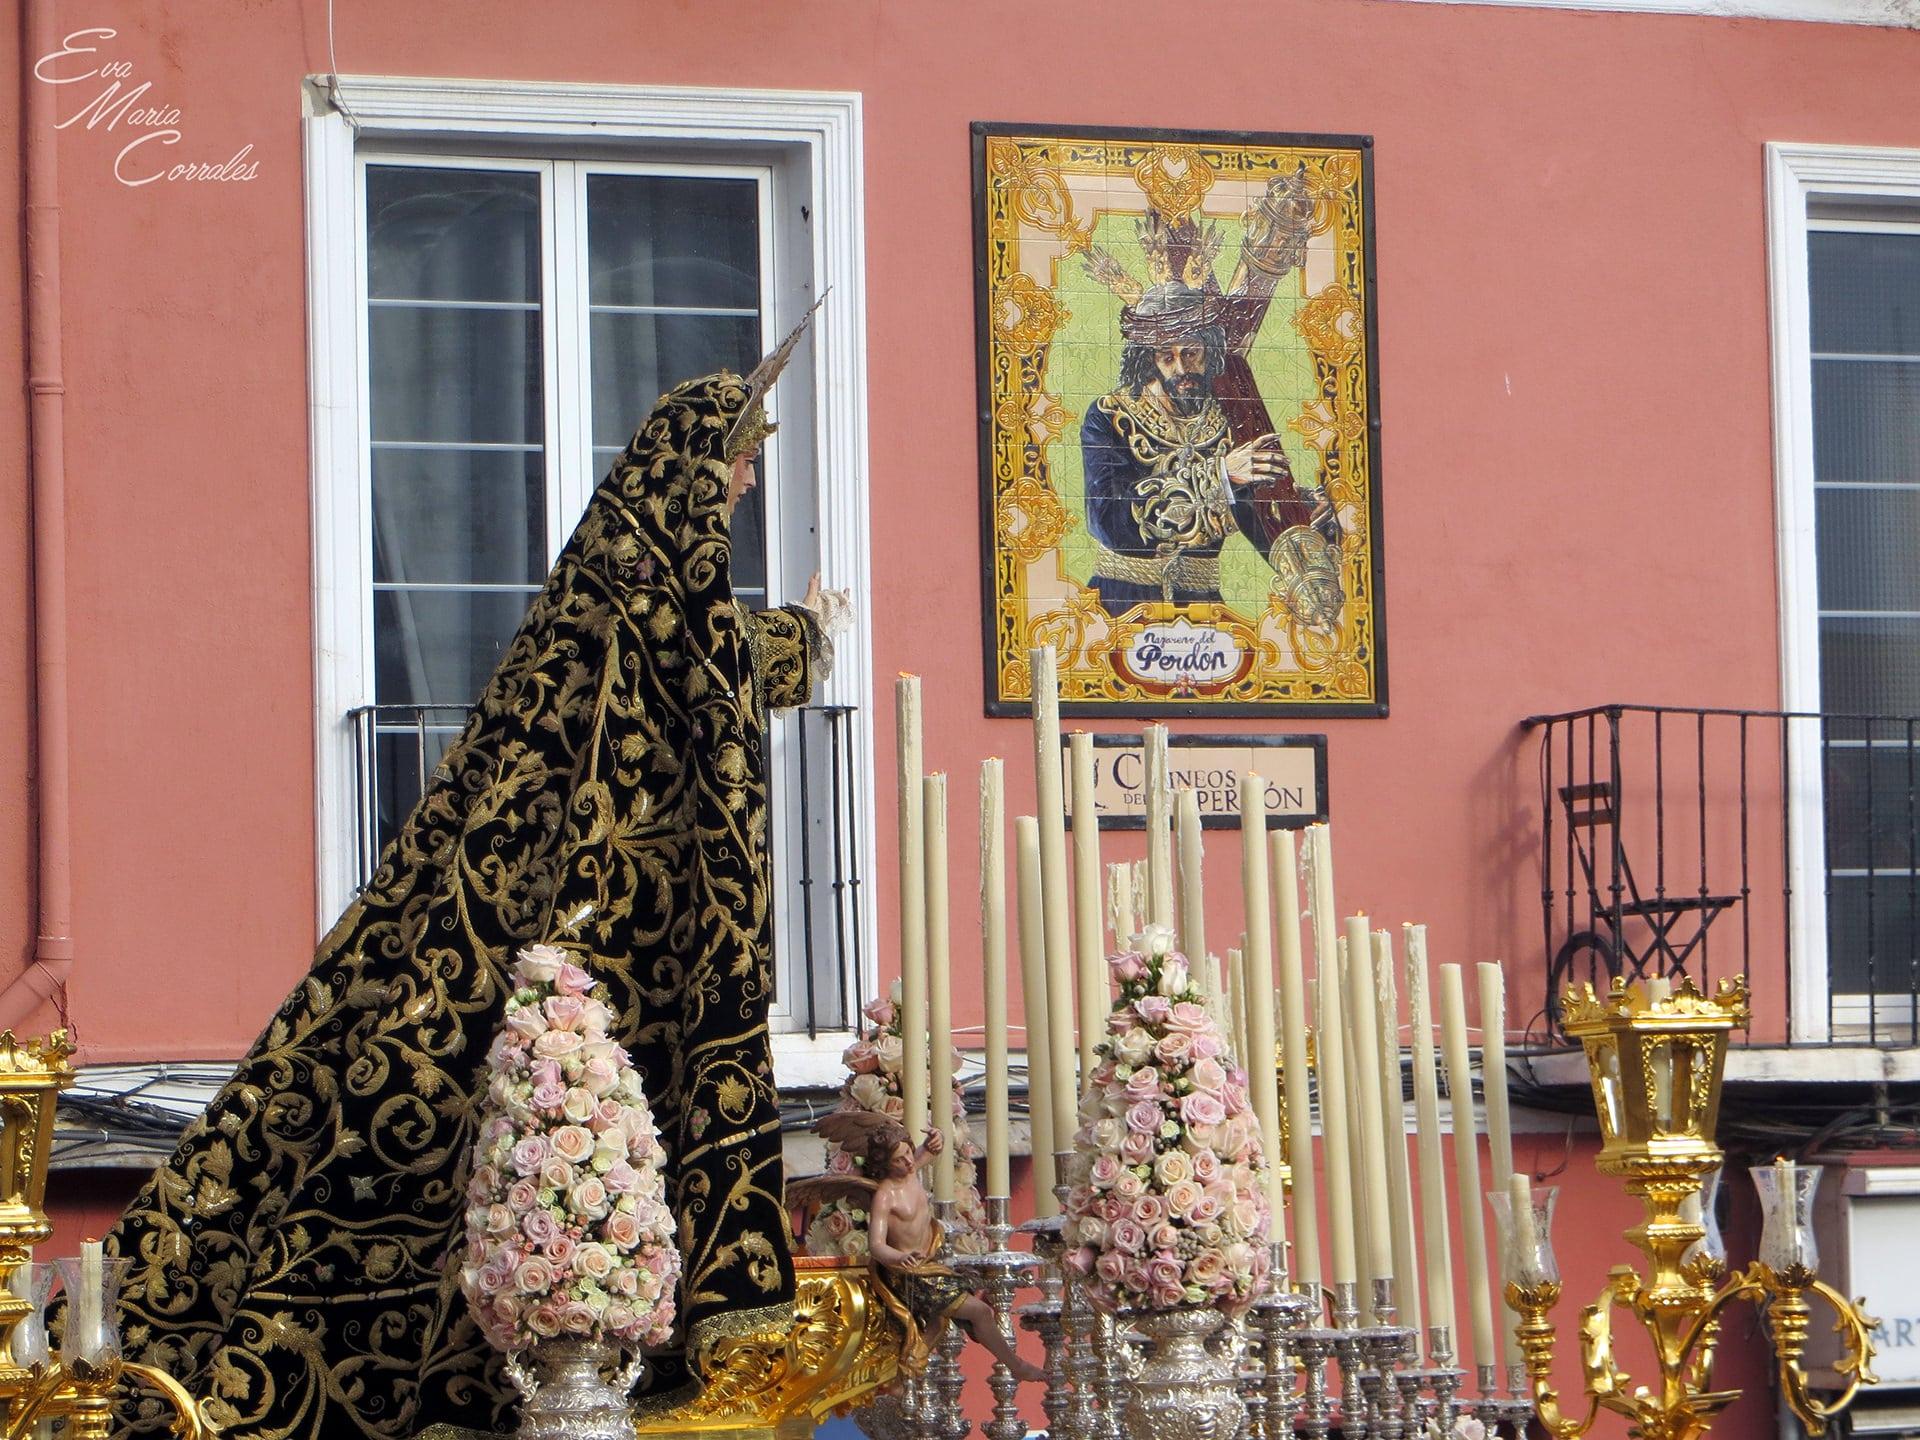 Viñeros, Málaga 2